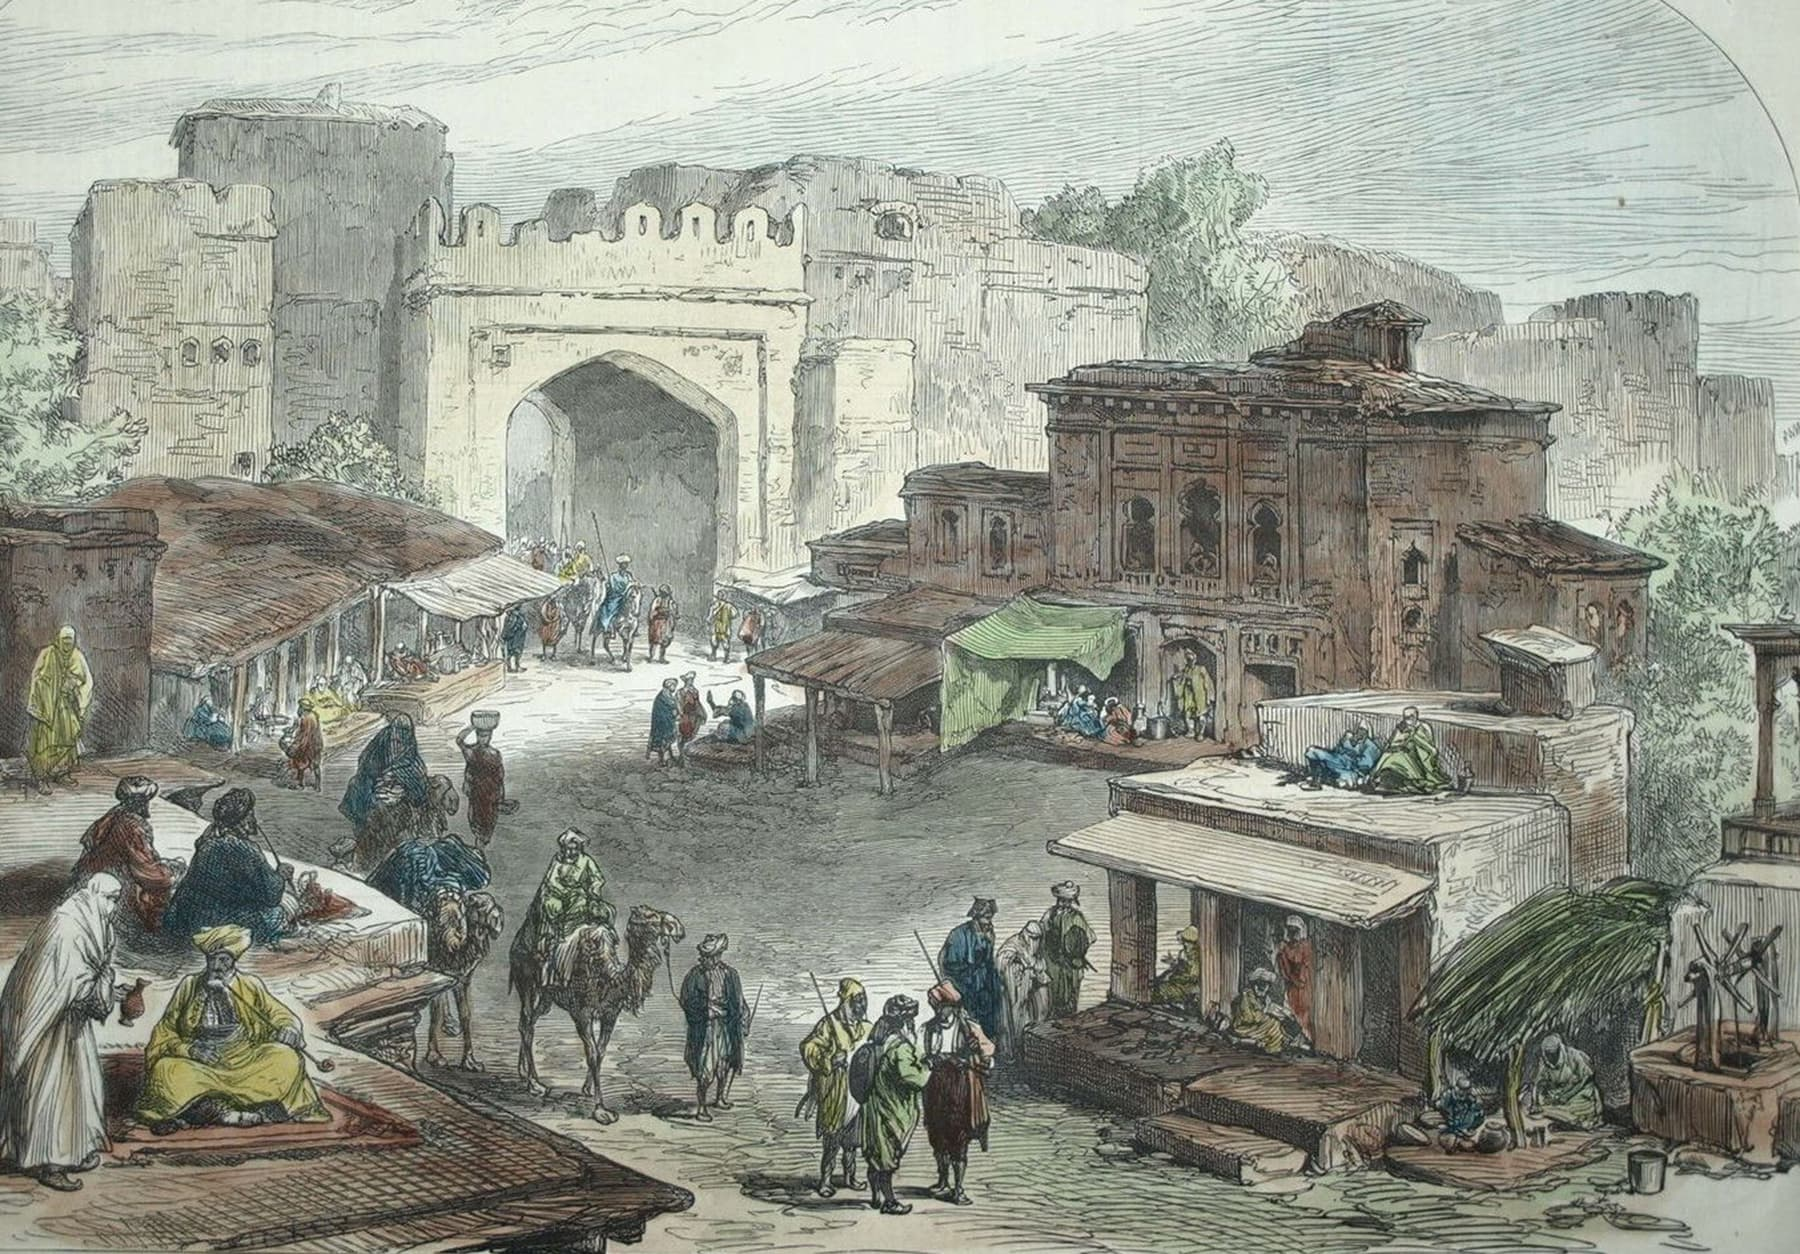 کابل بازار کی عکاسی کرتا ایک خاکہ